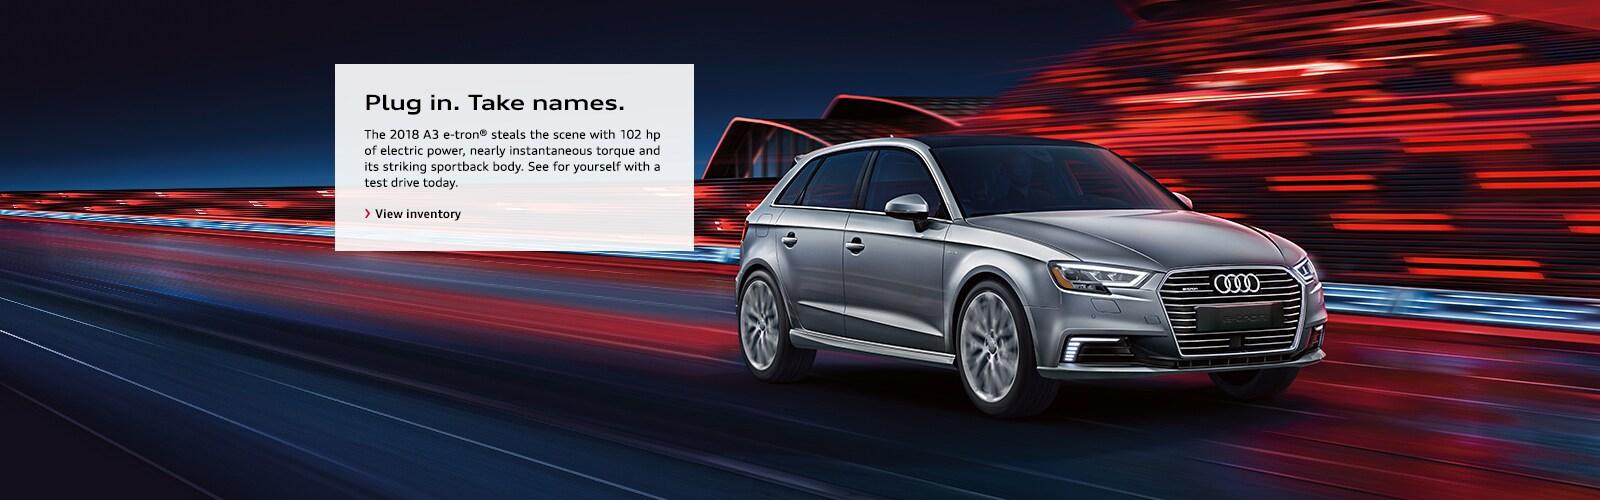 Audi Newport Beach Audi Dealership Near Newport Beach - Socal audi dealers